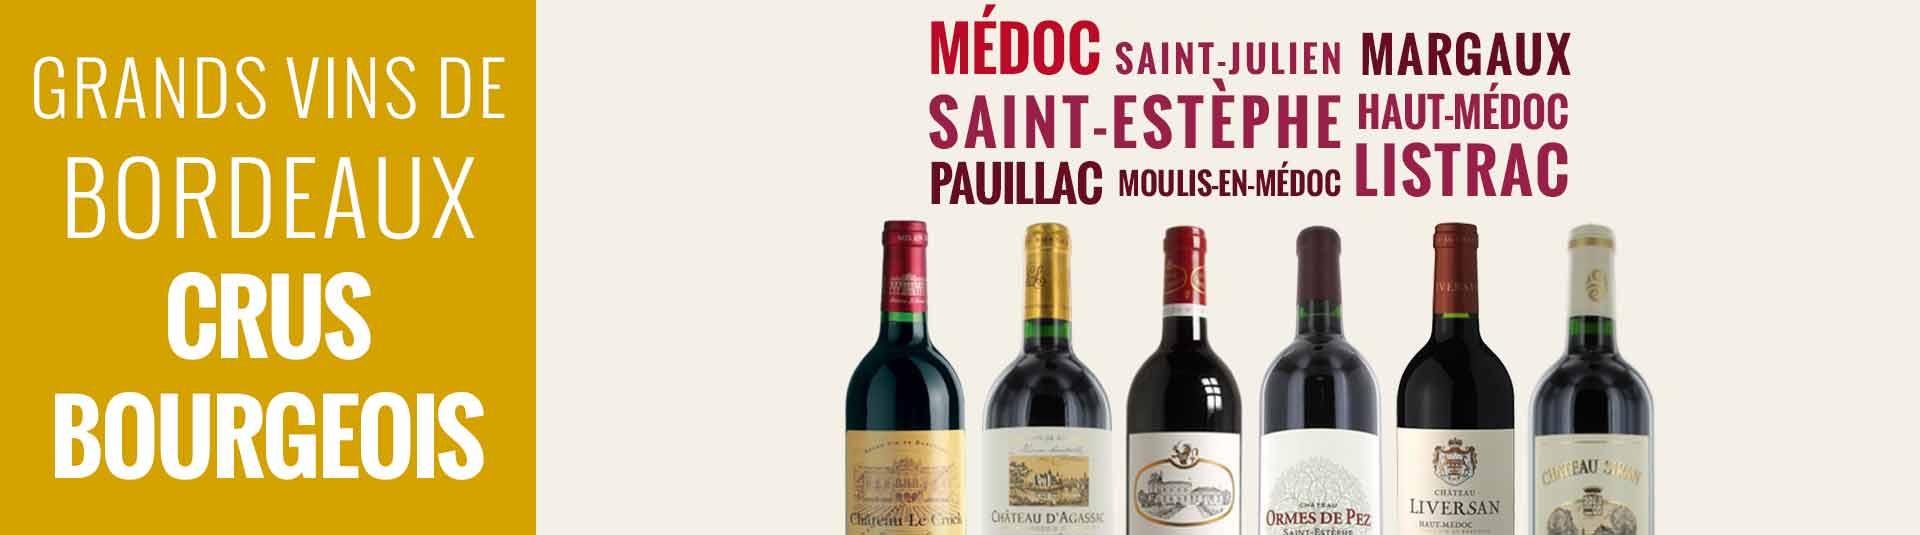 Bordeaux crus bourgeois du Médoc